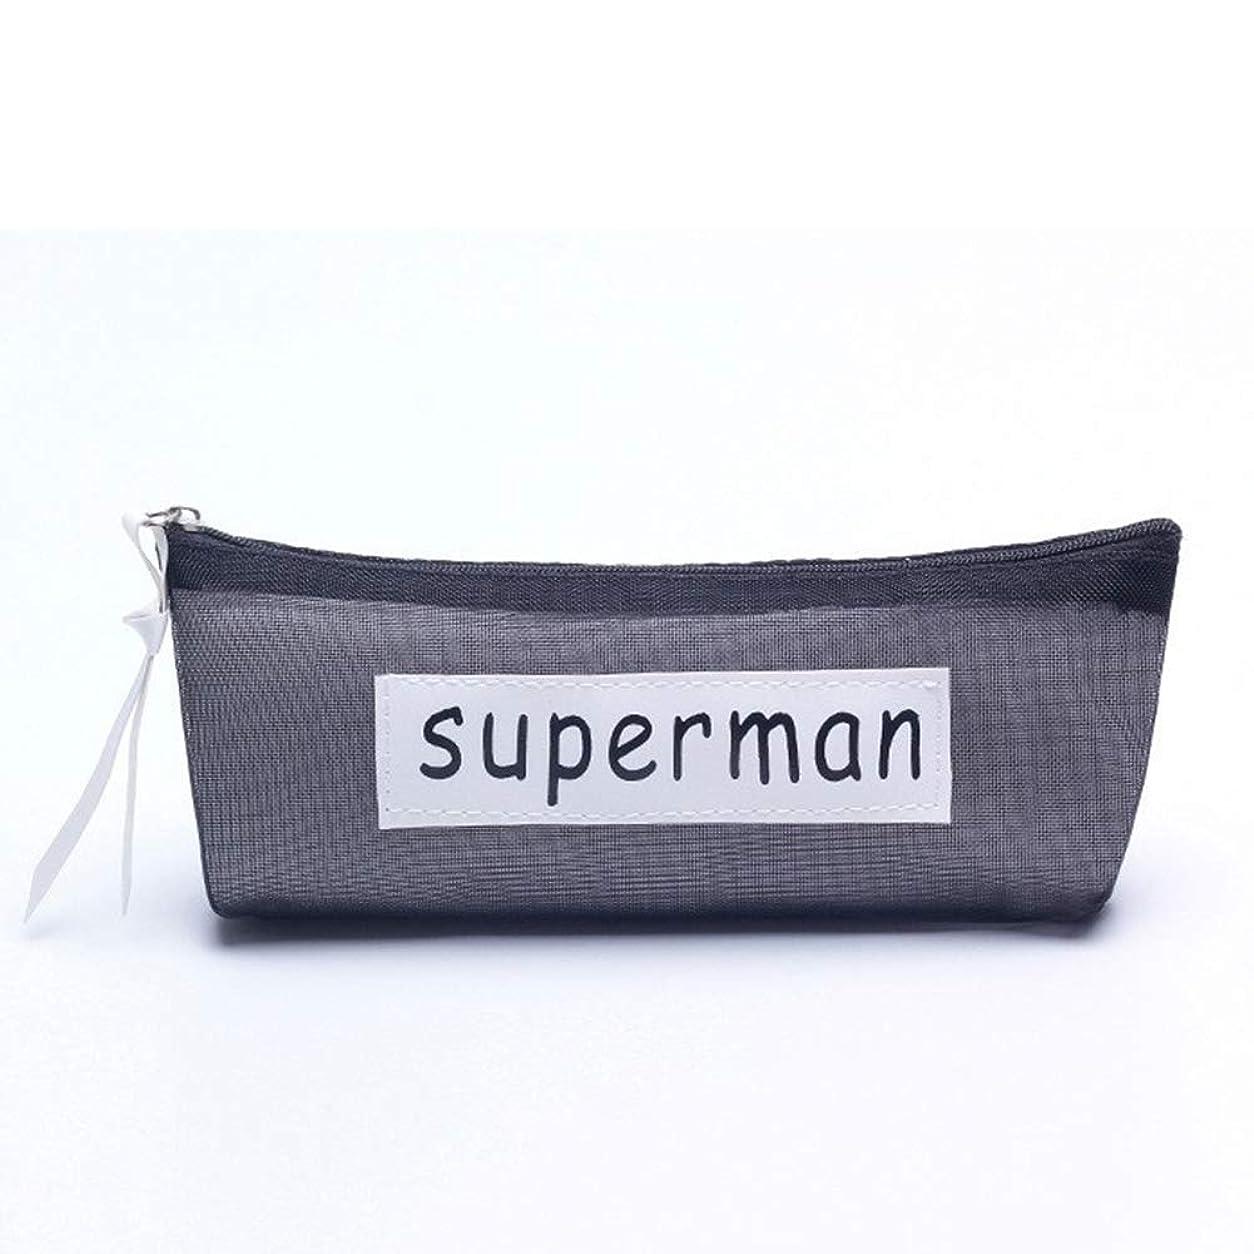 鈍いボール晴れACHICOO ペンケース 透明 メッシュ シンプル 学生 化粧品バッグ スーパーマン